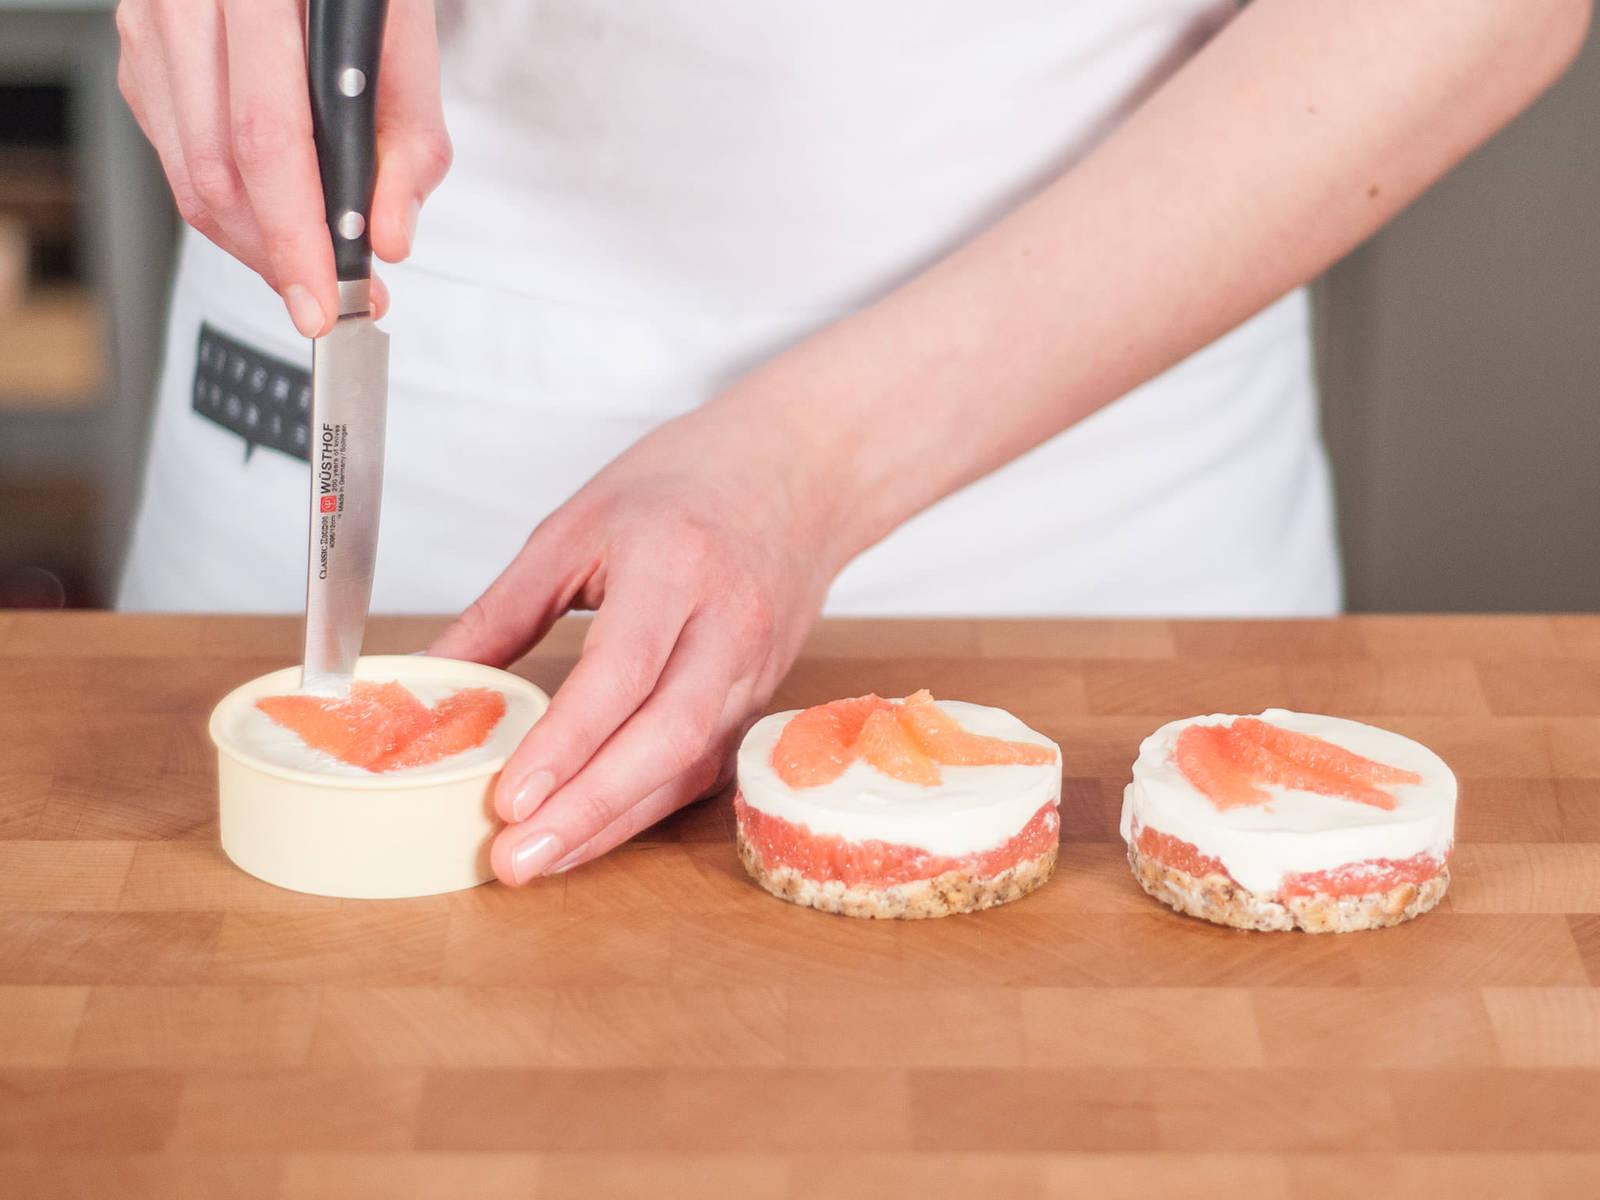 再放入若干葡萄柚瓣,将烤模放入冰箱冷藏约2小时。从冰箱中取出后用刀沿烤模内侧转一圈,按压烤模底部,脱出蛋糕。然后去掉烤模底,装盘后即可作为清爽甜品享用!